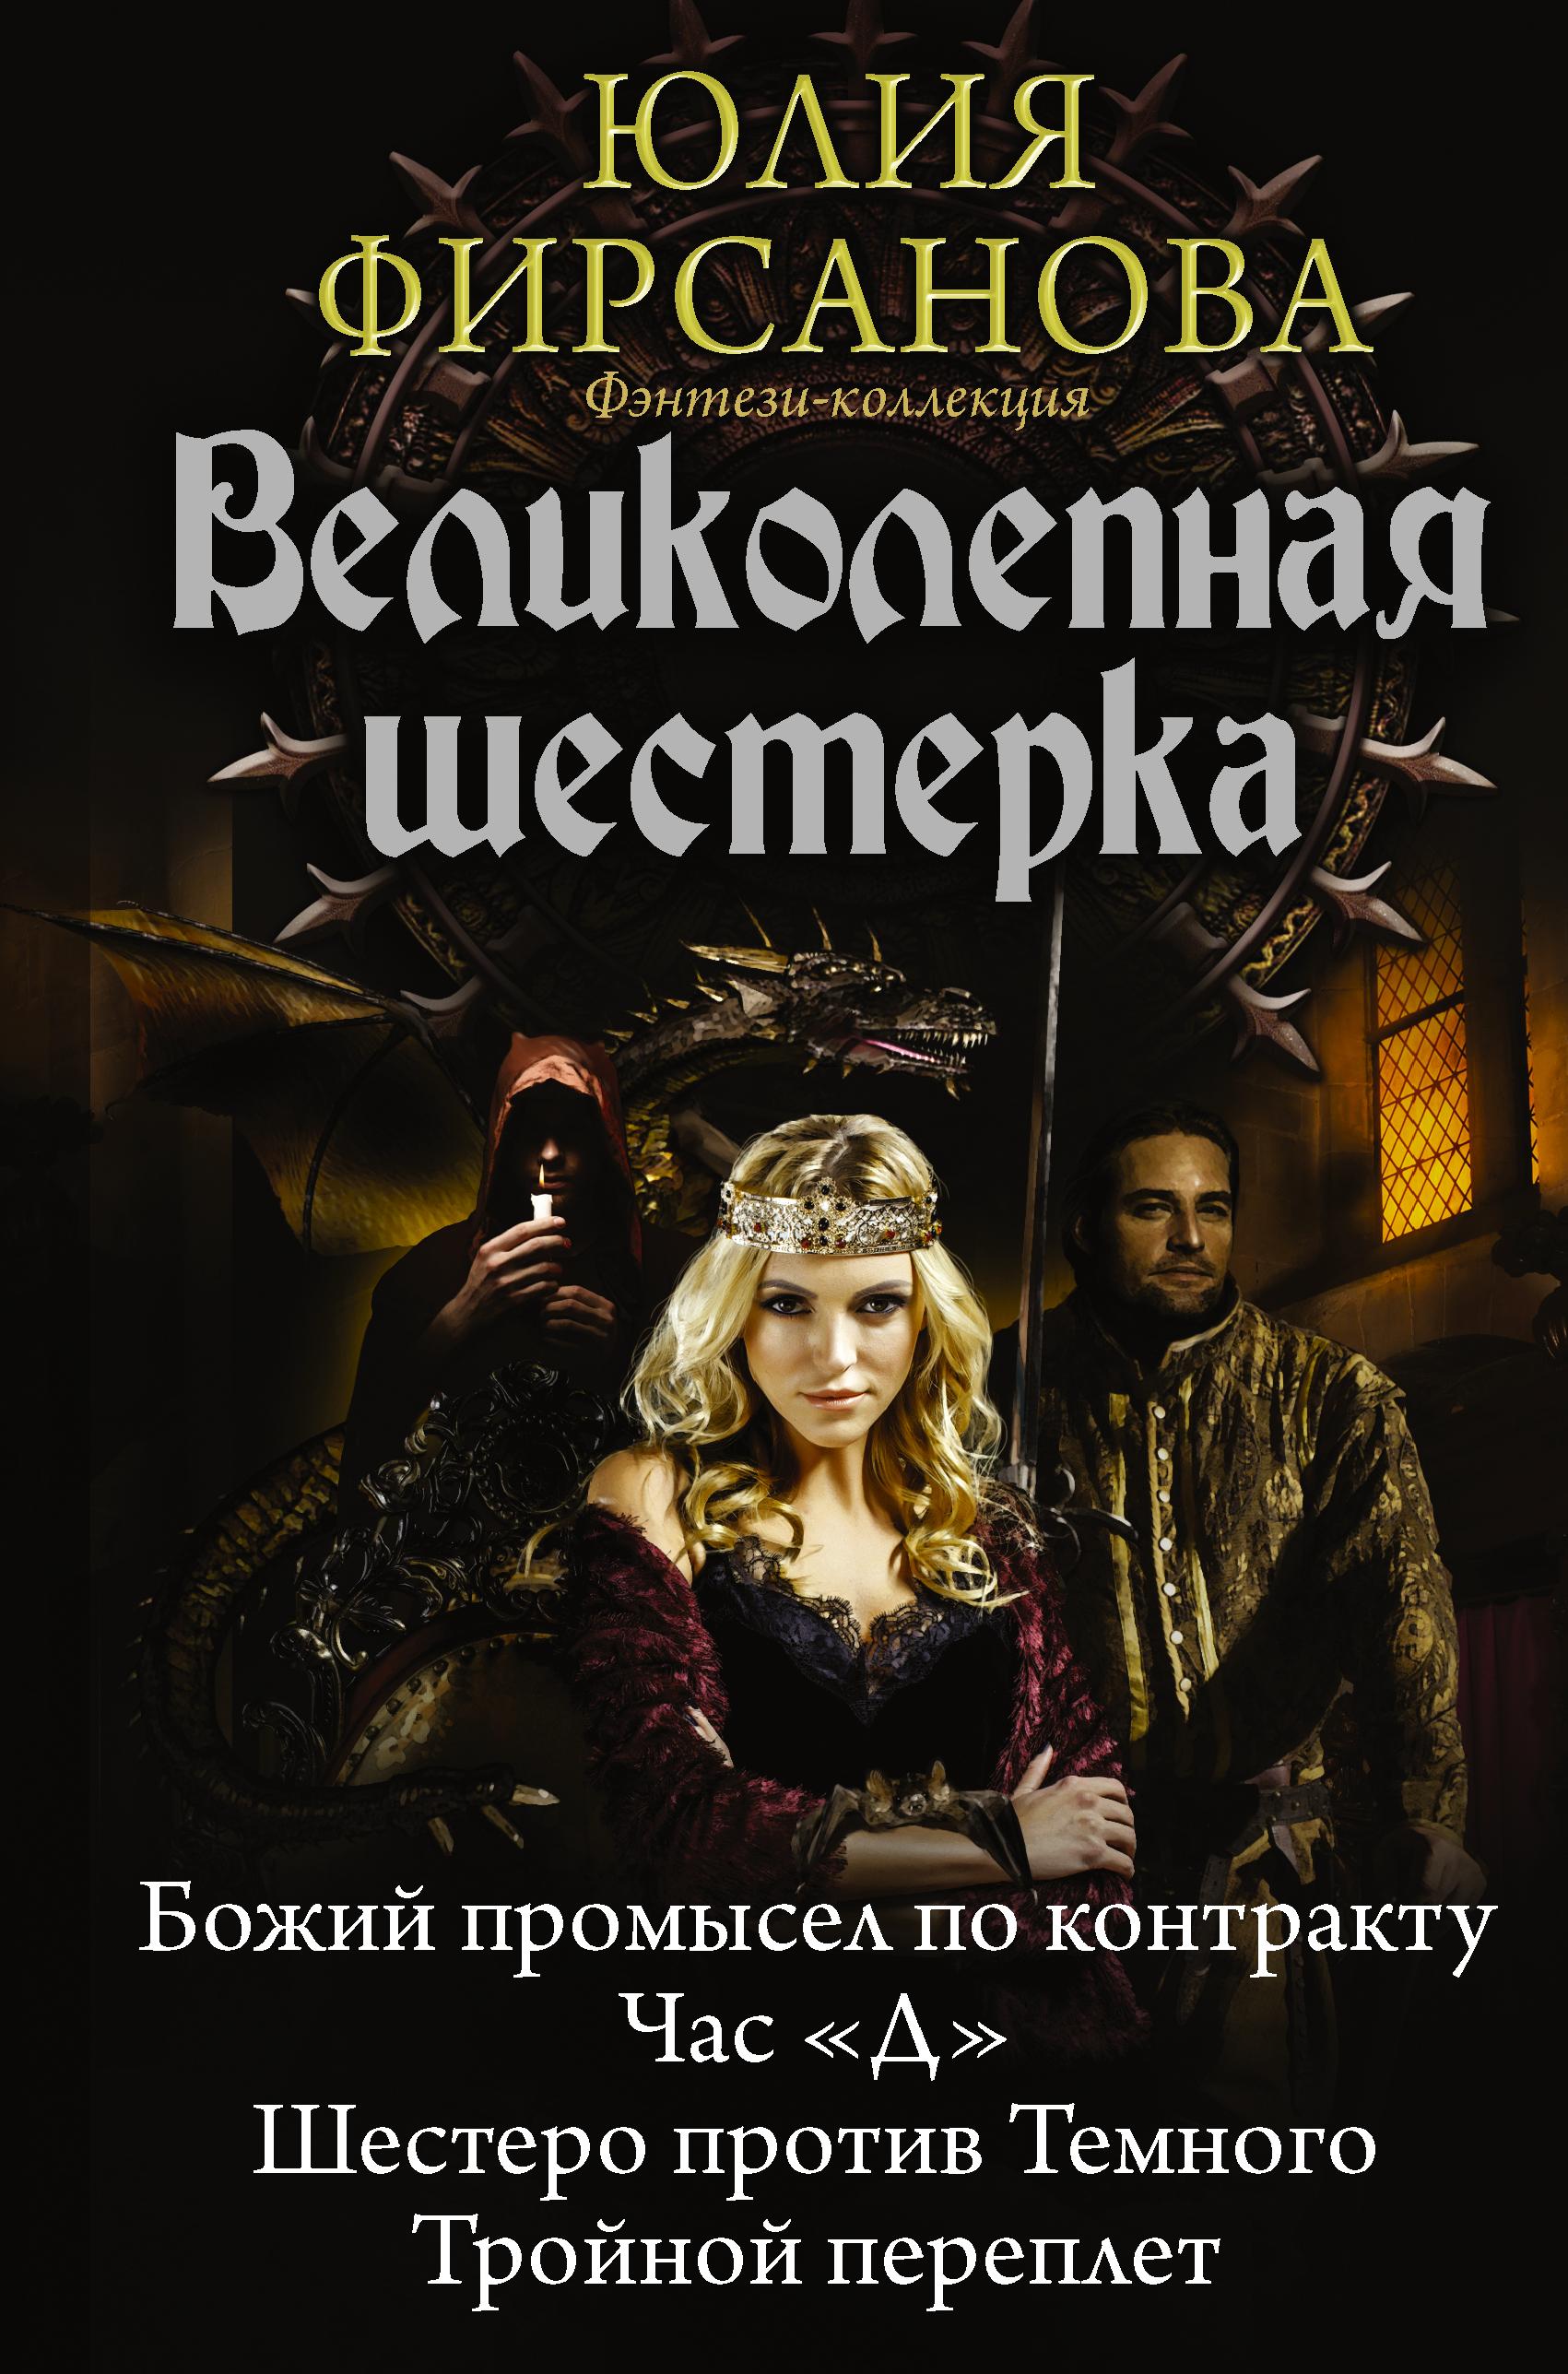 Фирсанова Юлия Великолепная шестерка совет какой телефон 2013